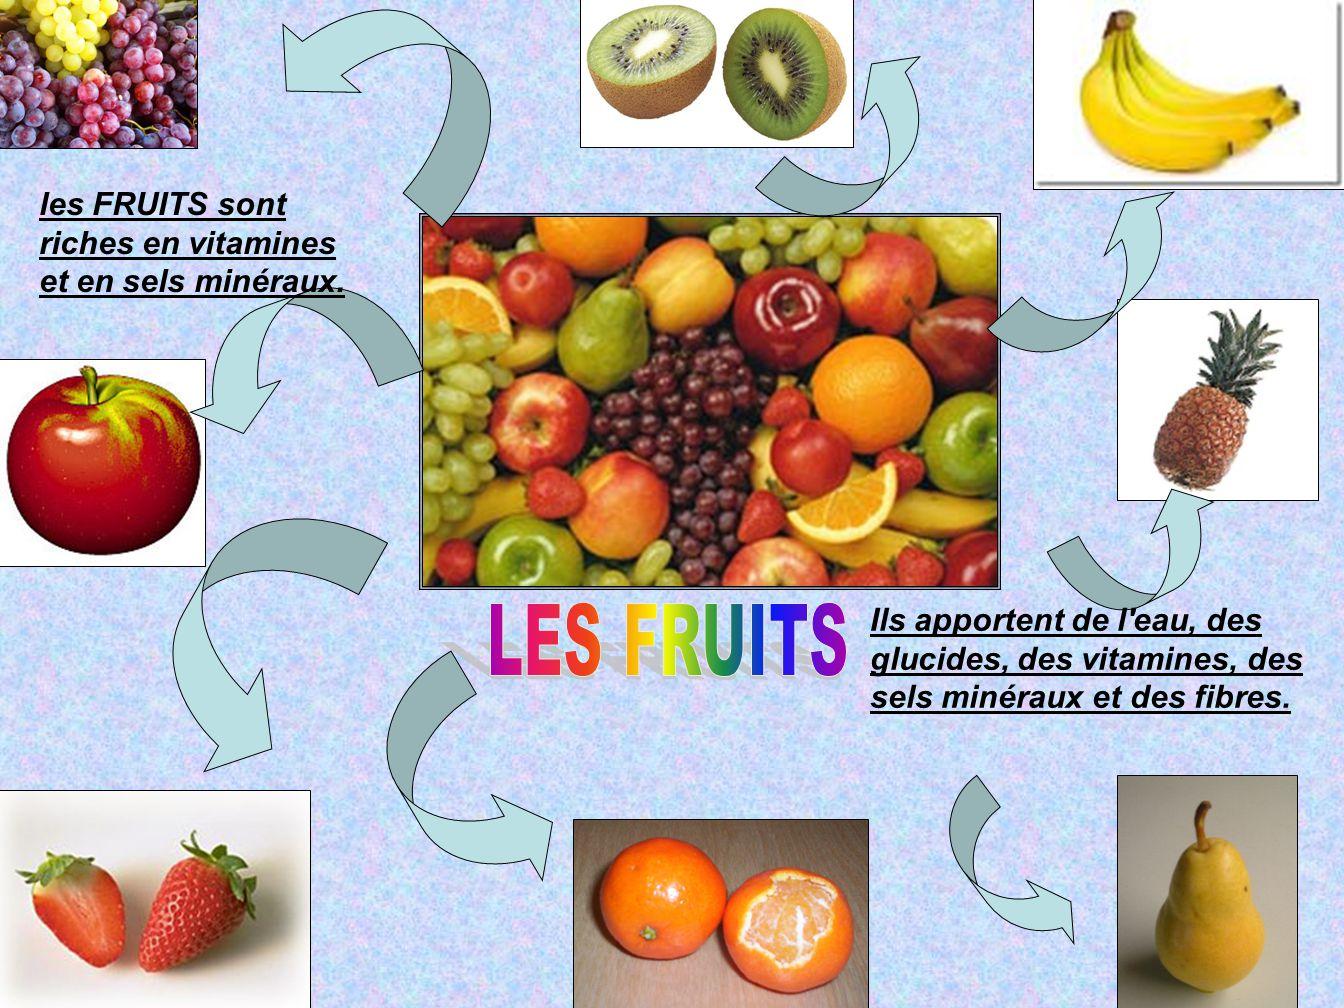 les FRUITS sont riches en vitamines et en sels minéraux. Ils apportent de l'eau, des glucides, des vitamines, des sels minéraux et des fibres.